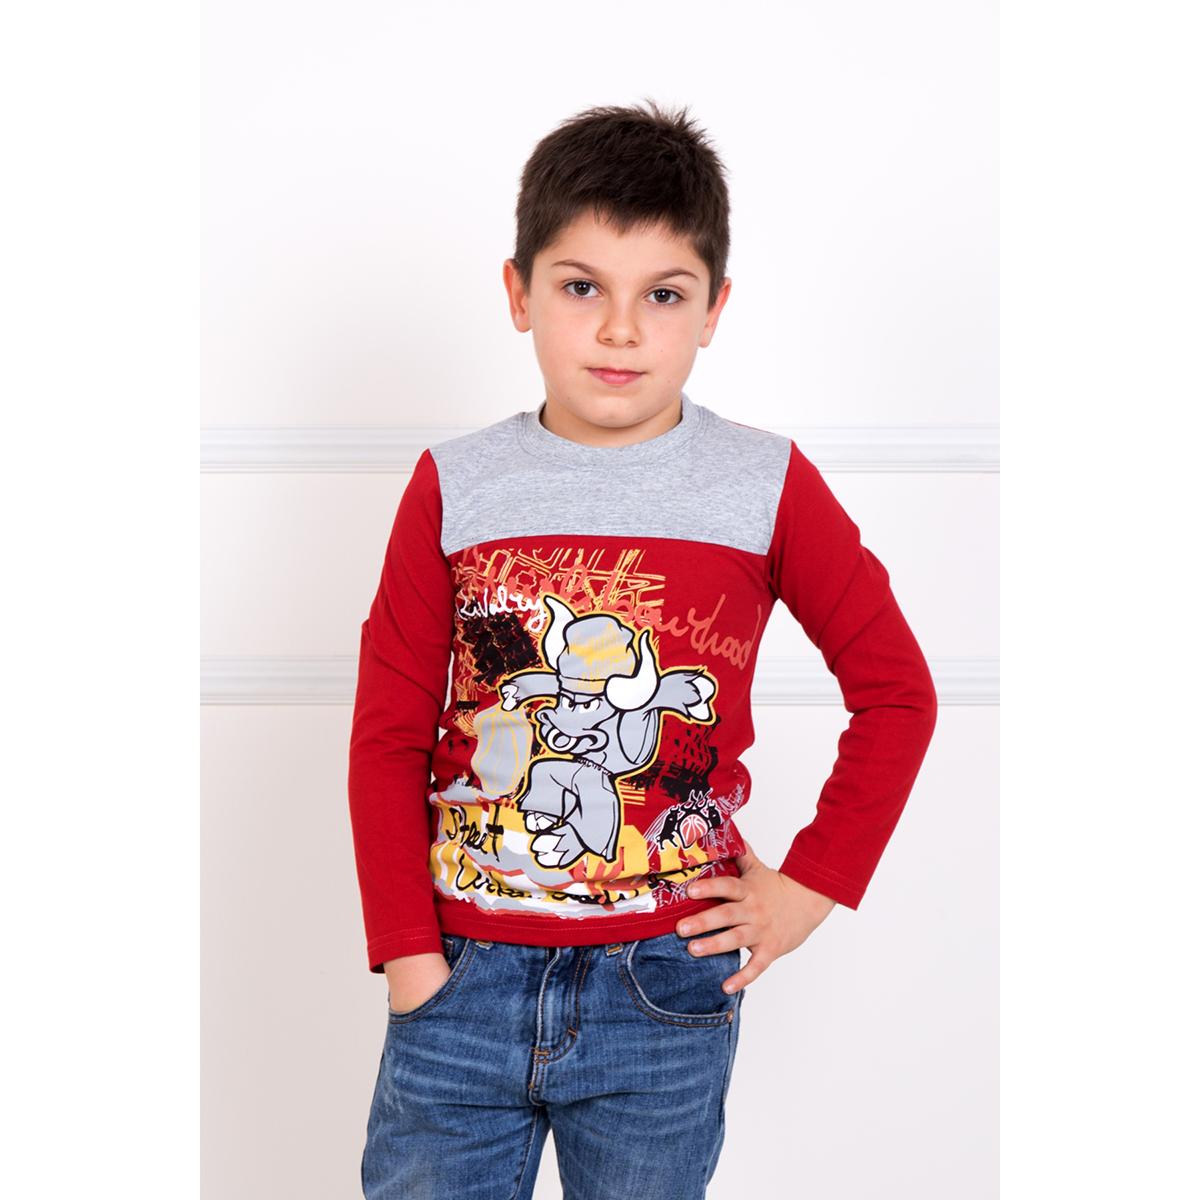 Детская футболка Кирилл Красный, размер 8 летТолстовки, джемпера и рубашки<br><br><br>Тип: Дет. футболка<br>Размер: 8 лет<br>Материал: Кулирка